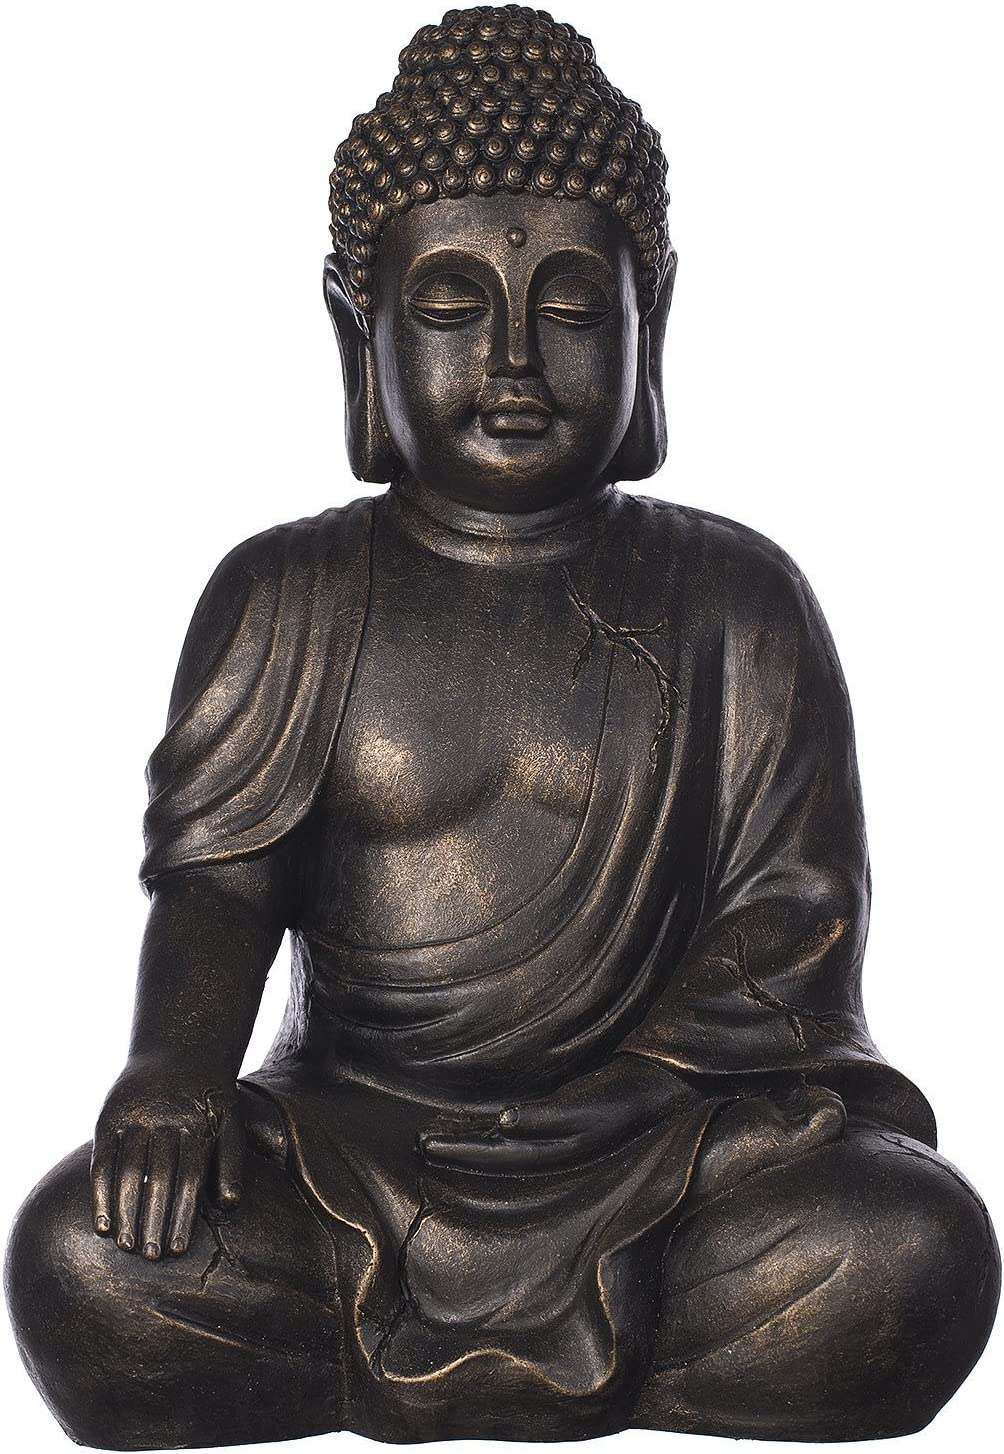 Diseño de Buda B4016S de bronce o de piedra de colour gris, figura de Buda XL 54 cm de alto, para uso en interior de nosotros para exteriores, diseño de Estatua de Buda de tamaño grande, de Busto de,